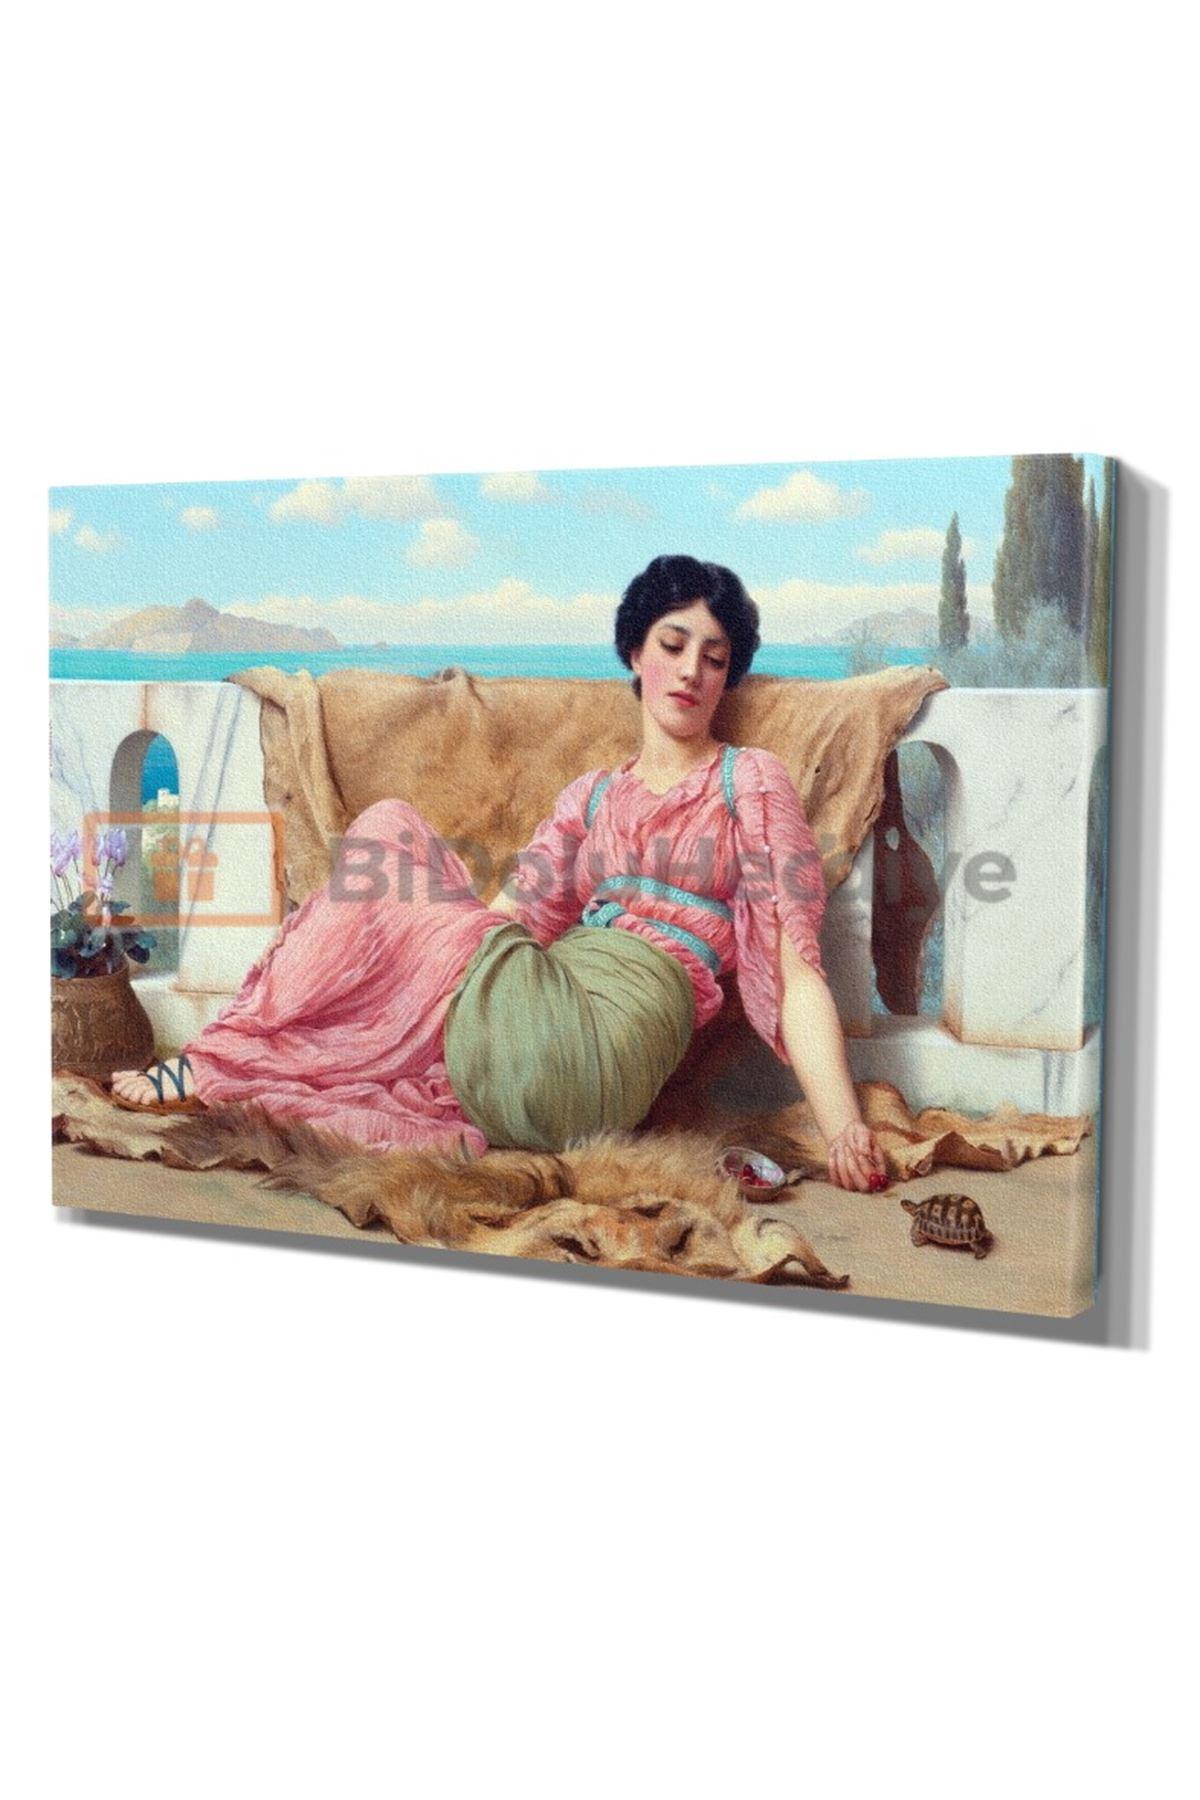 JOSEPH HARRİSON Yağlı Boya Görünümlü Kadın ve Manzara Kanvas Tablo